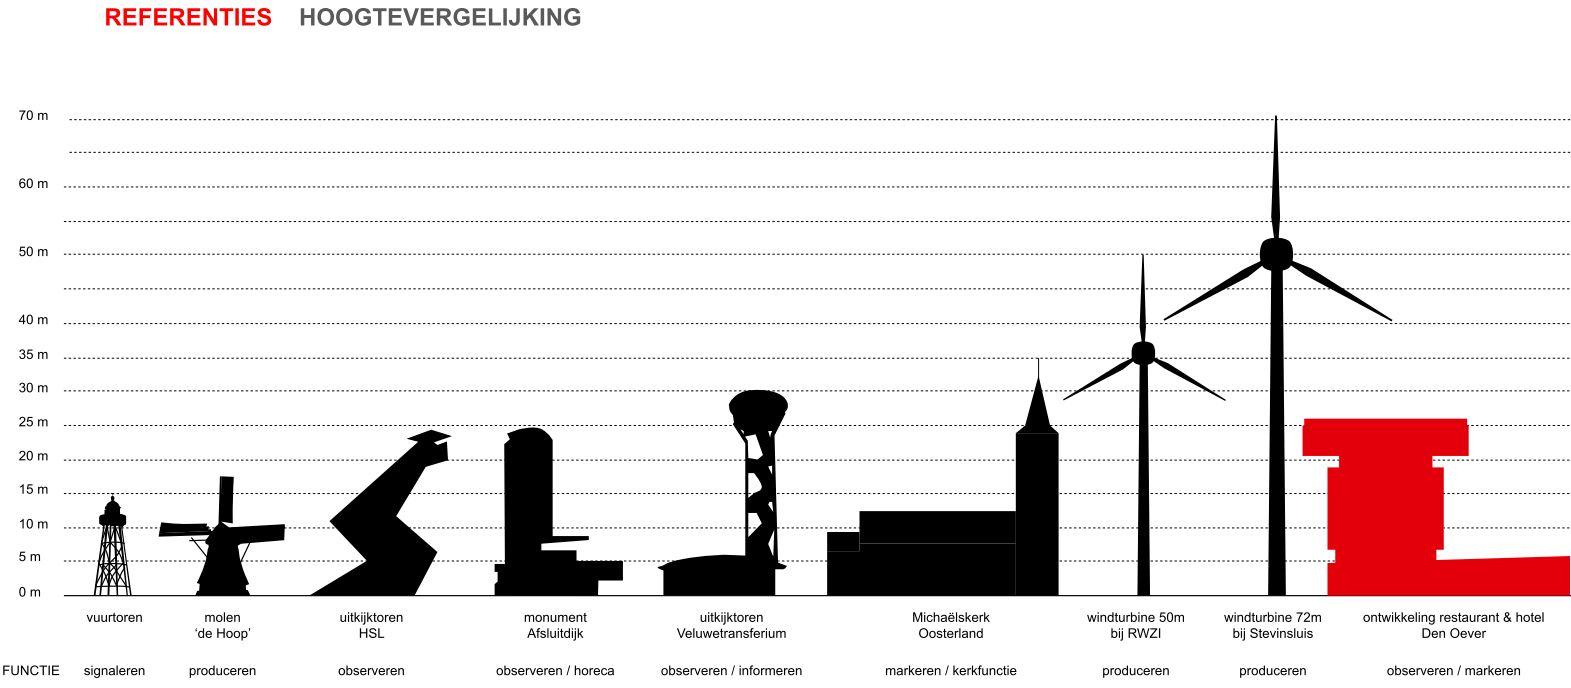 Referenties hoogtevergelijking